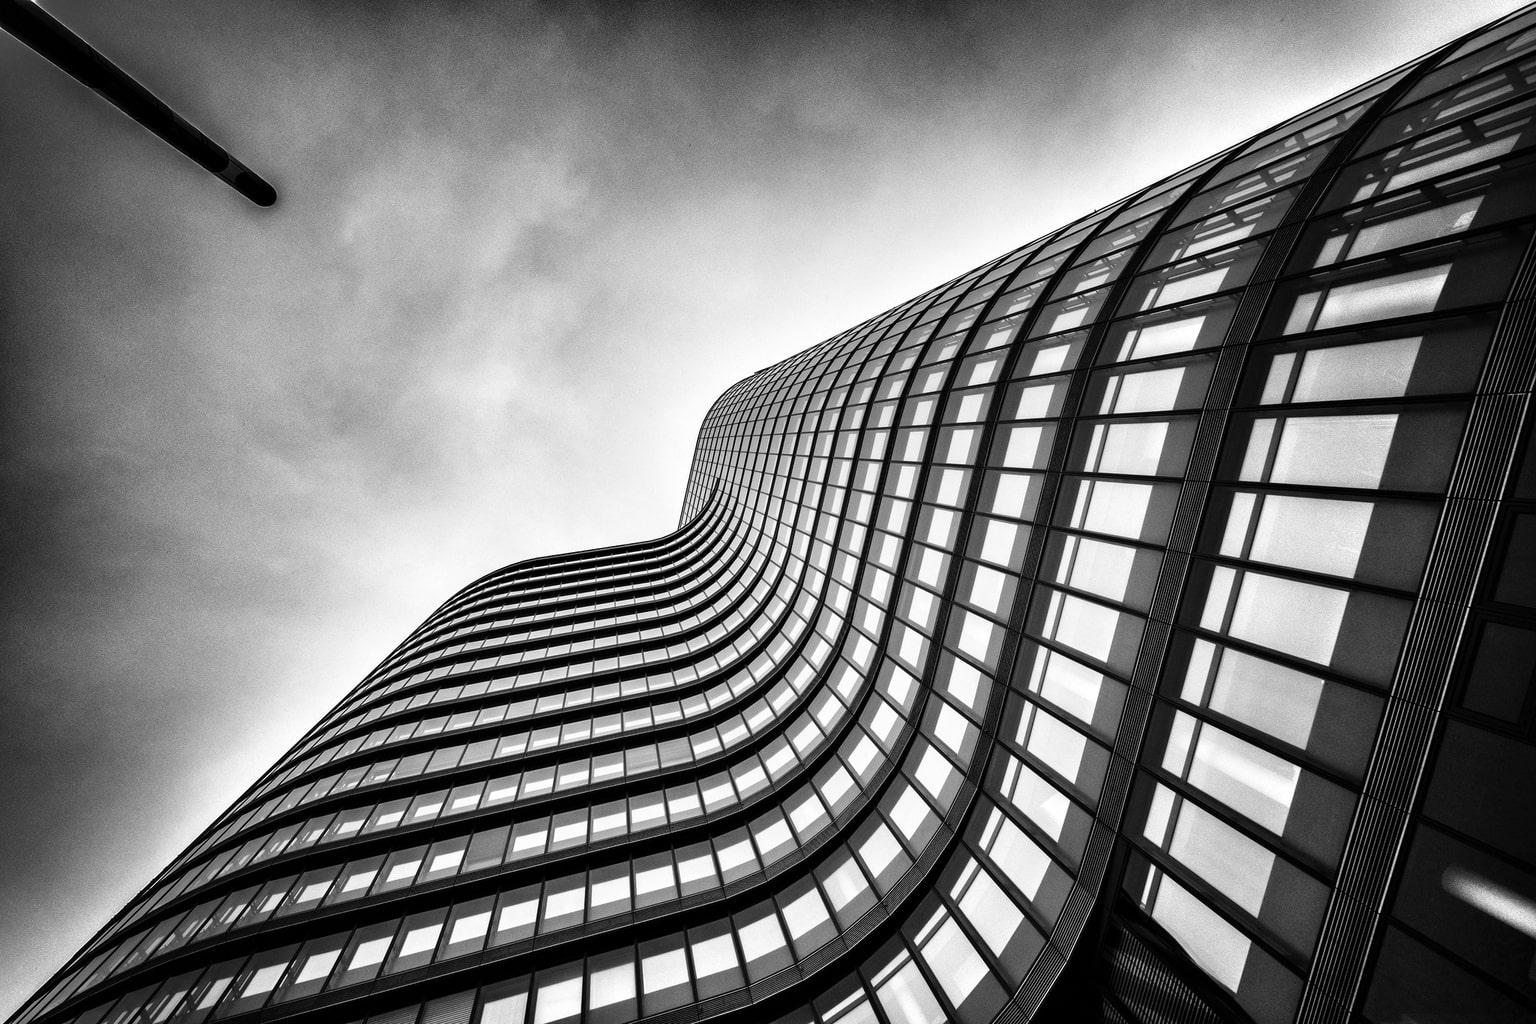 fotografía arquitectura edificio en blanco y negro